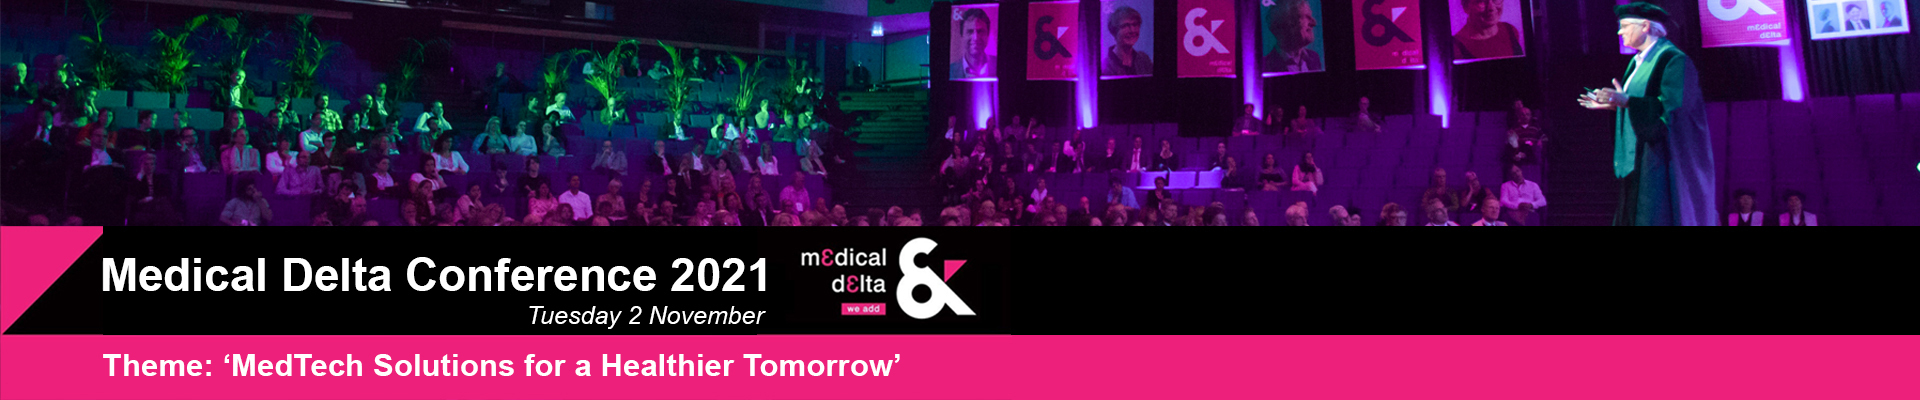 Medical Delta Conference 2021